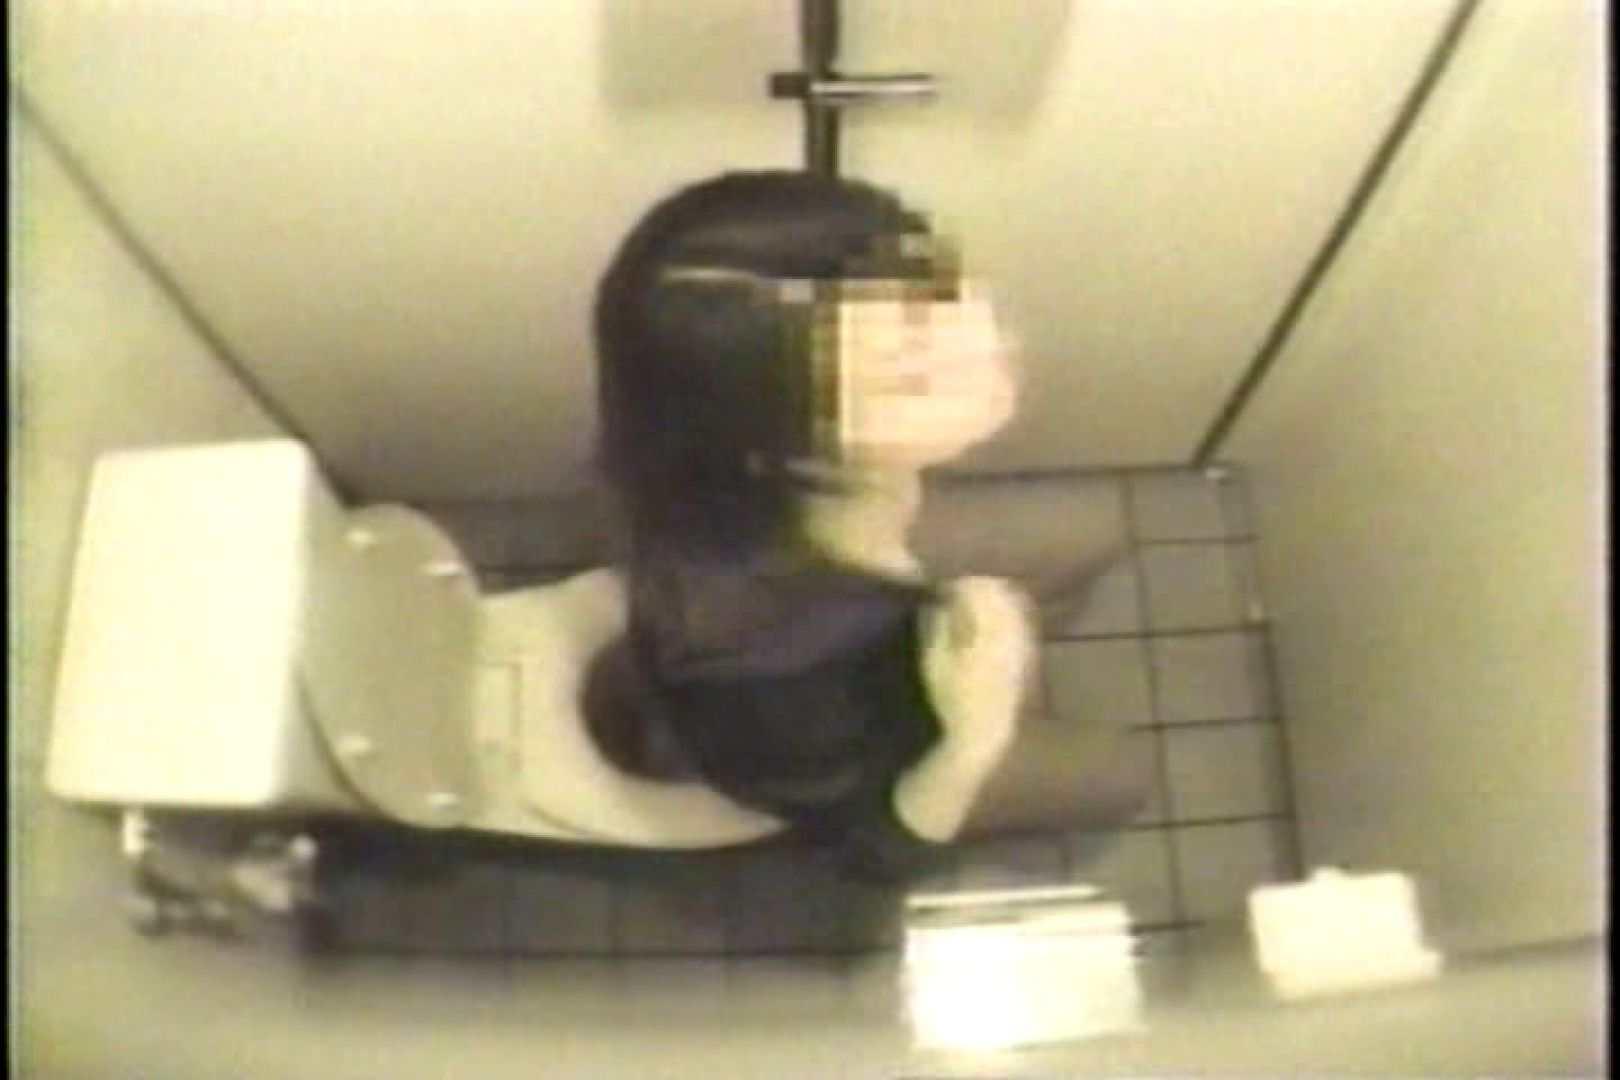 盗撮 女子洗面所3ヶ所入ってしゃがんで音出して プライベート  67pic 40